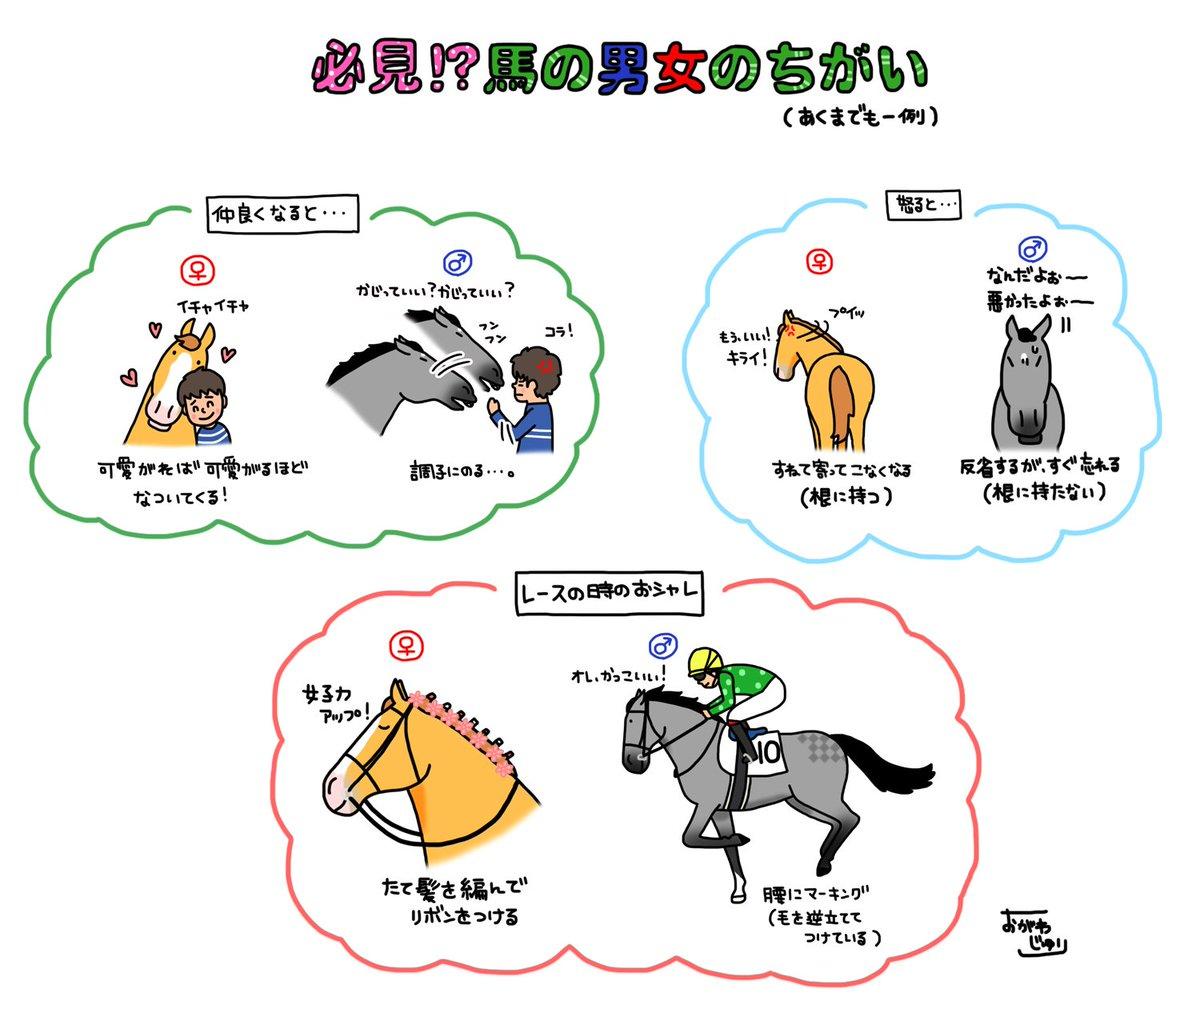 馬でも男女でこんなに違うんです。 pic.twitter.com/9ZeVwl1sHn